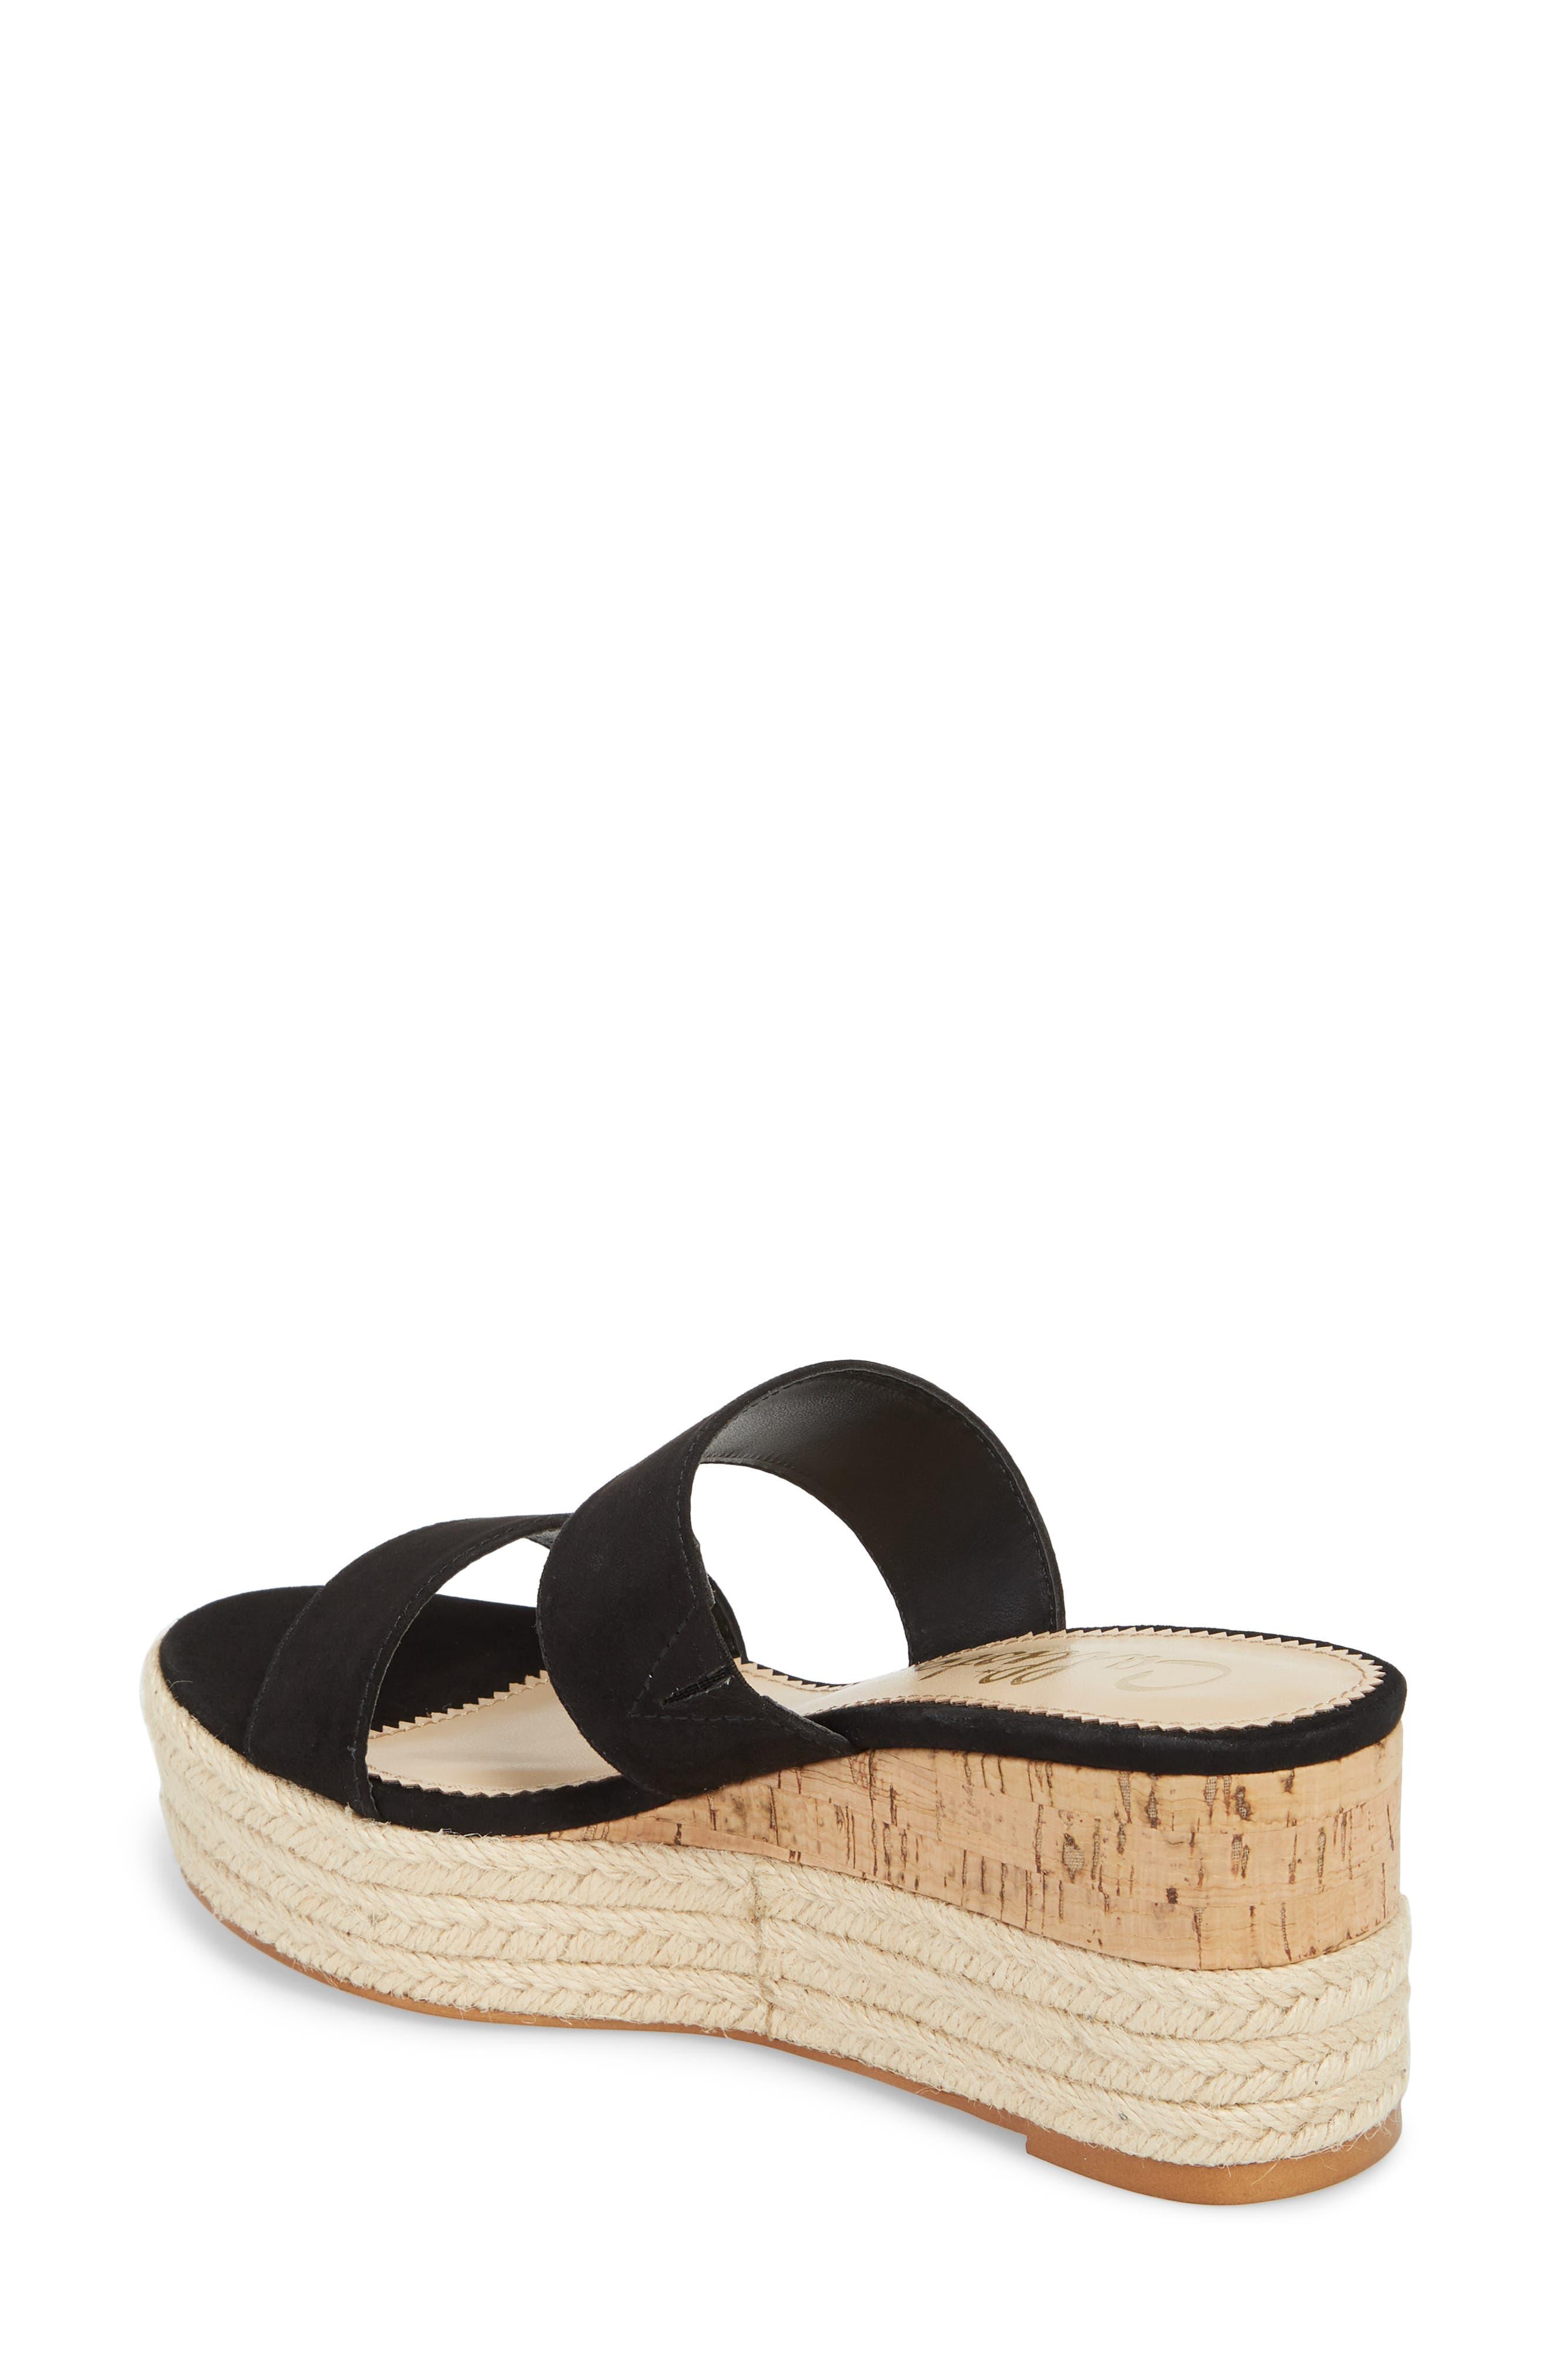 Foundation Platform Slide Sandal,                             Alternate thumbnail 2, color,                             BLACK SUEDE